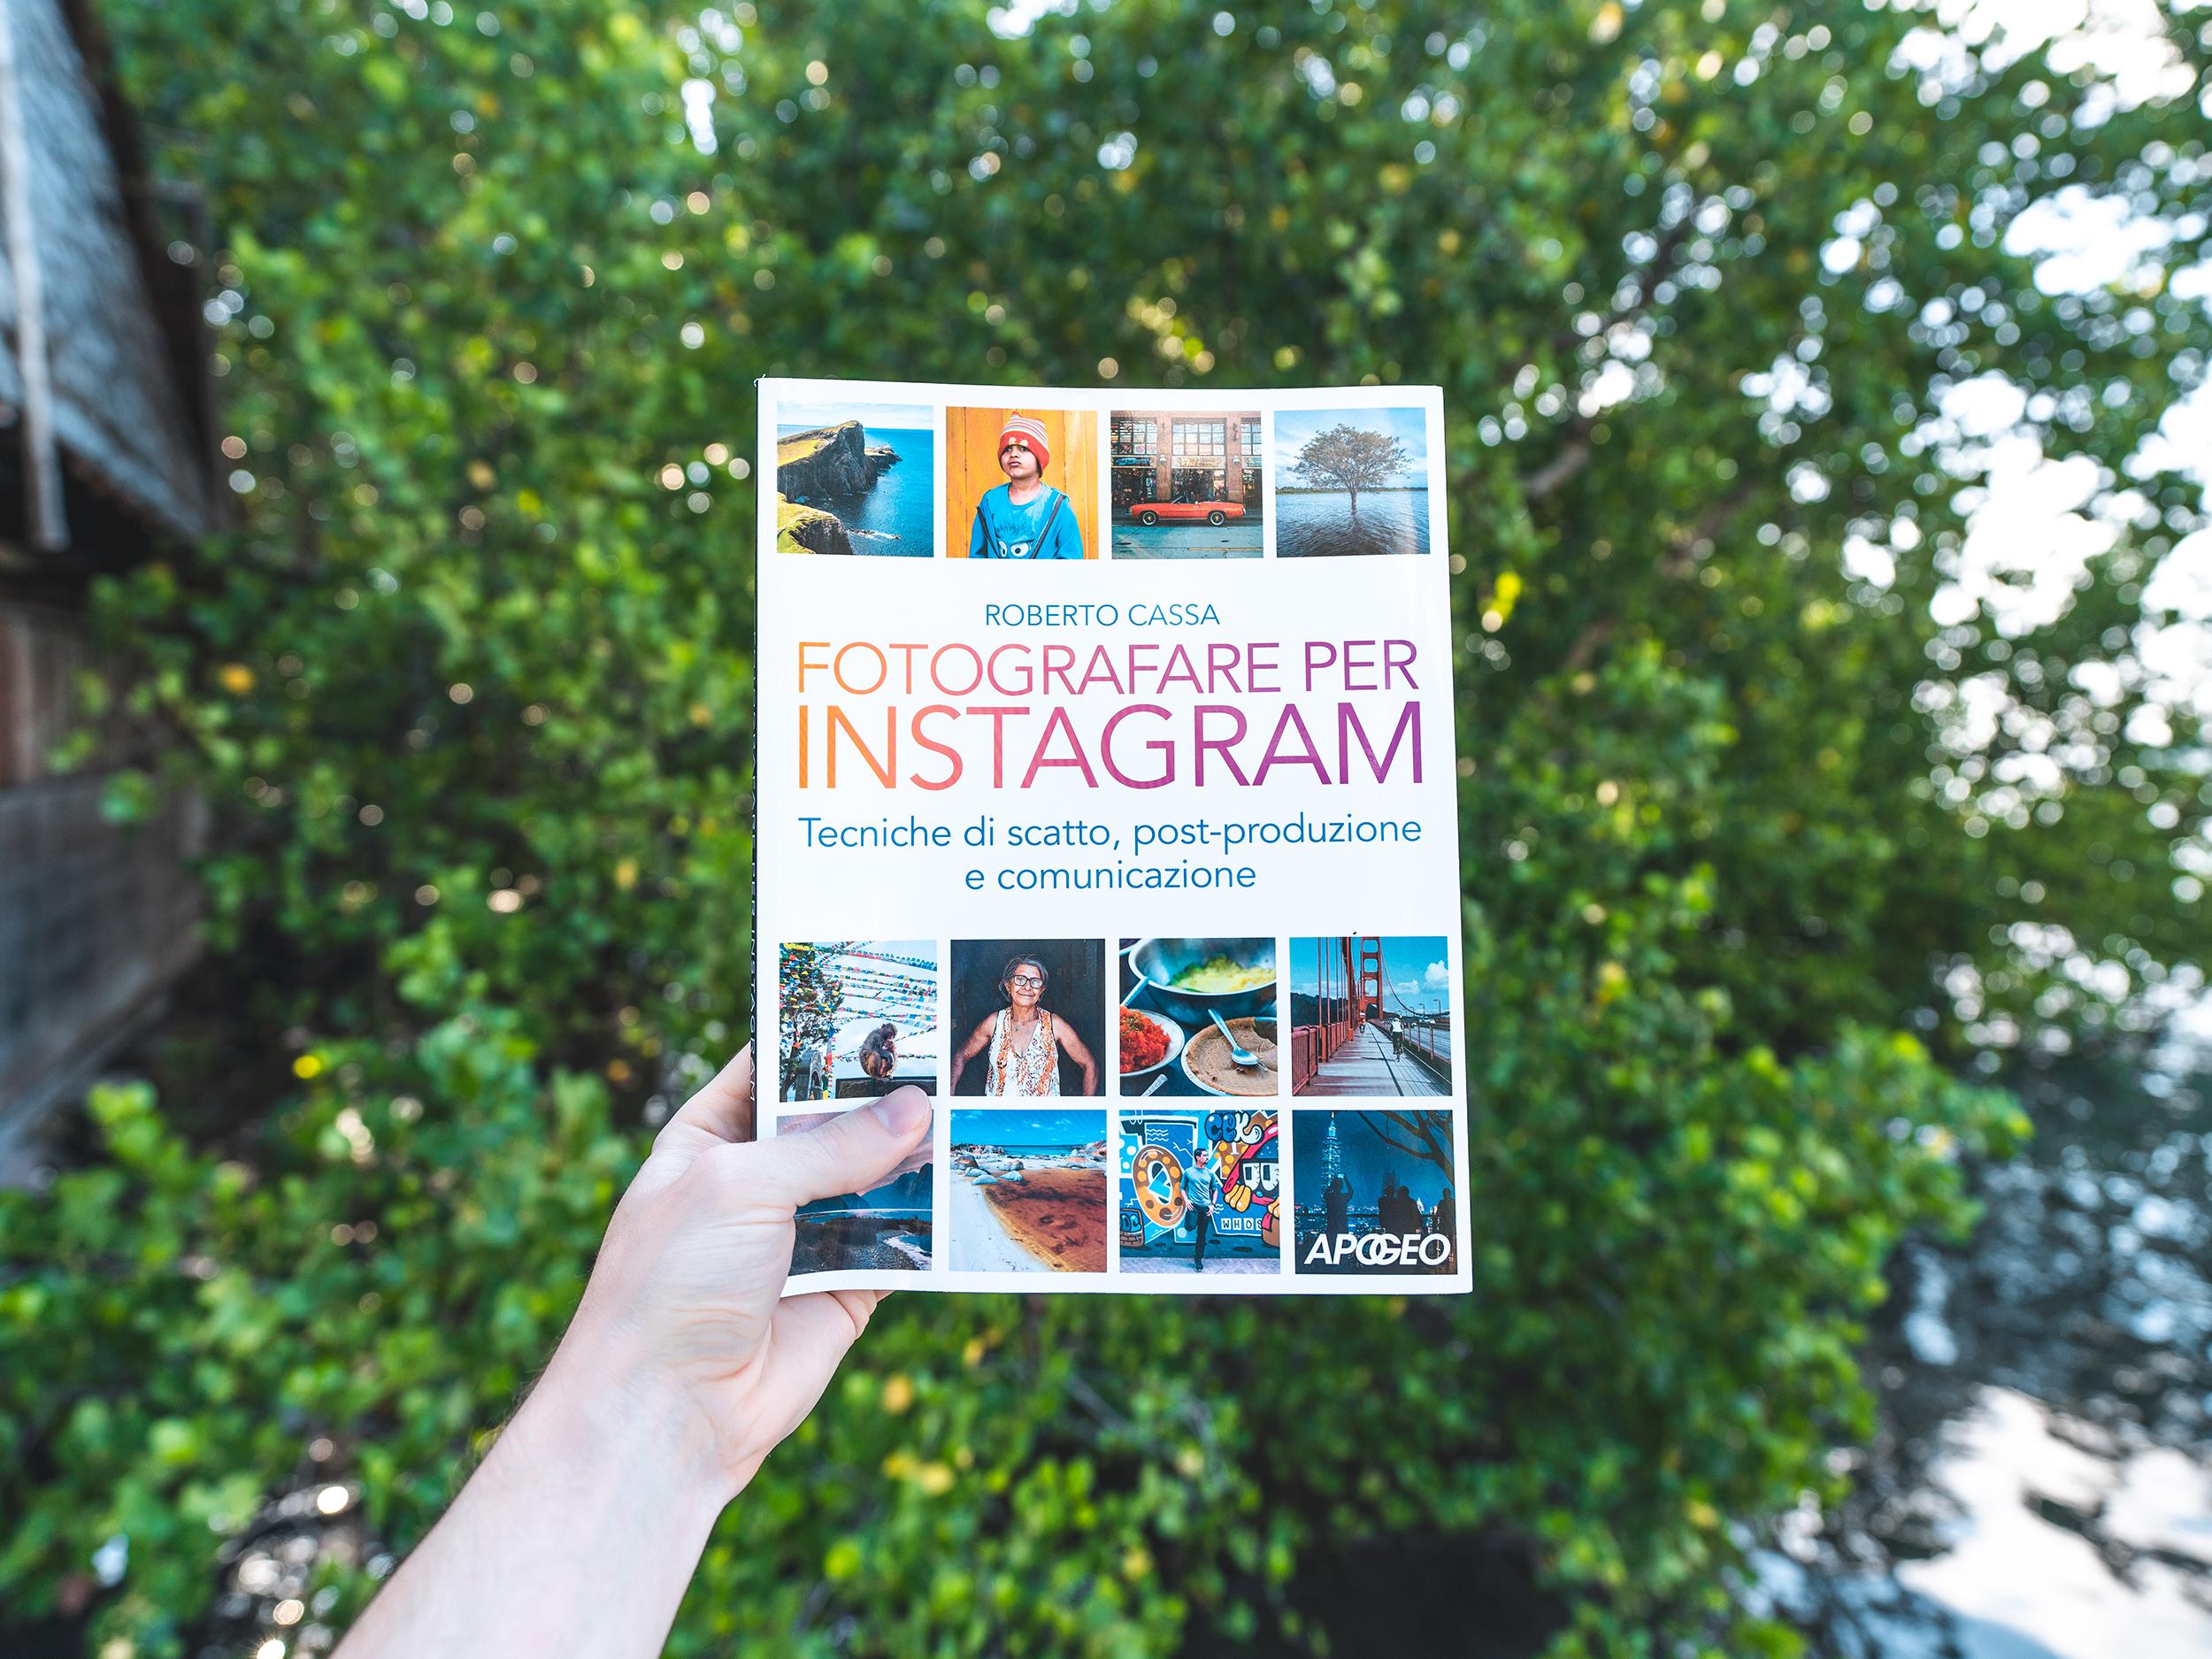 Fotografare per Instagram, il libro arriva a Papua